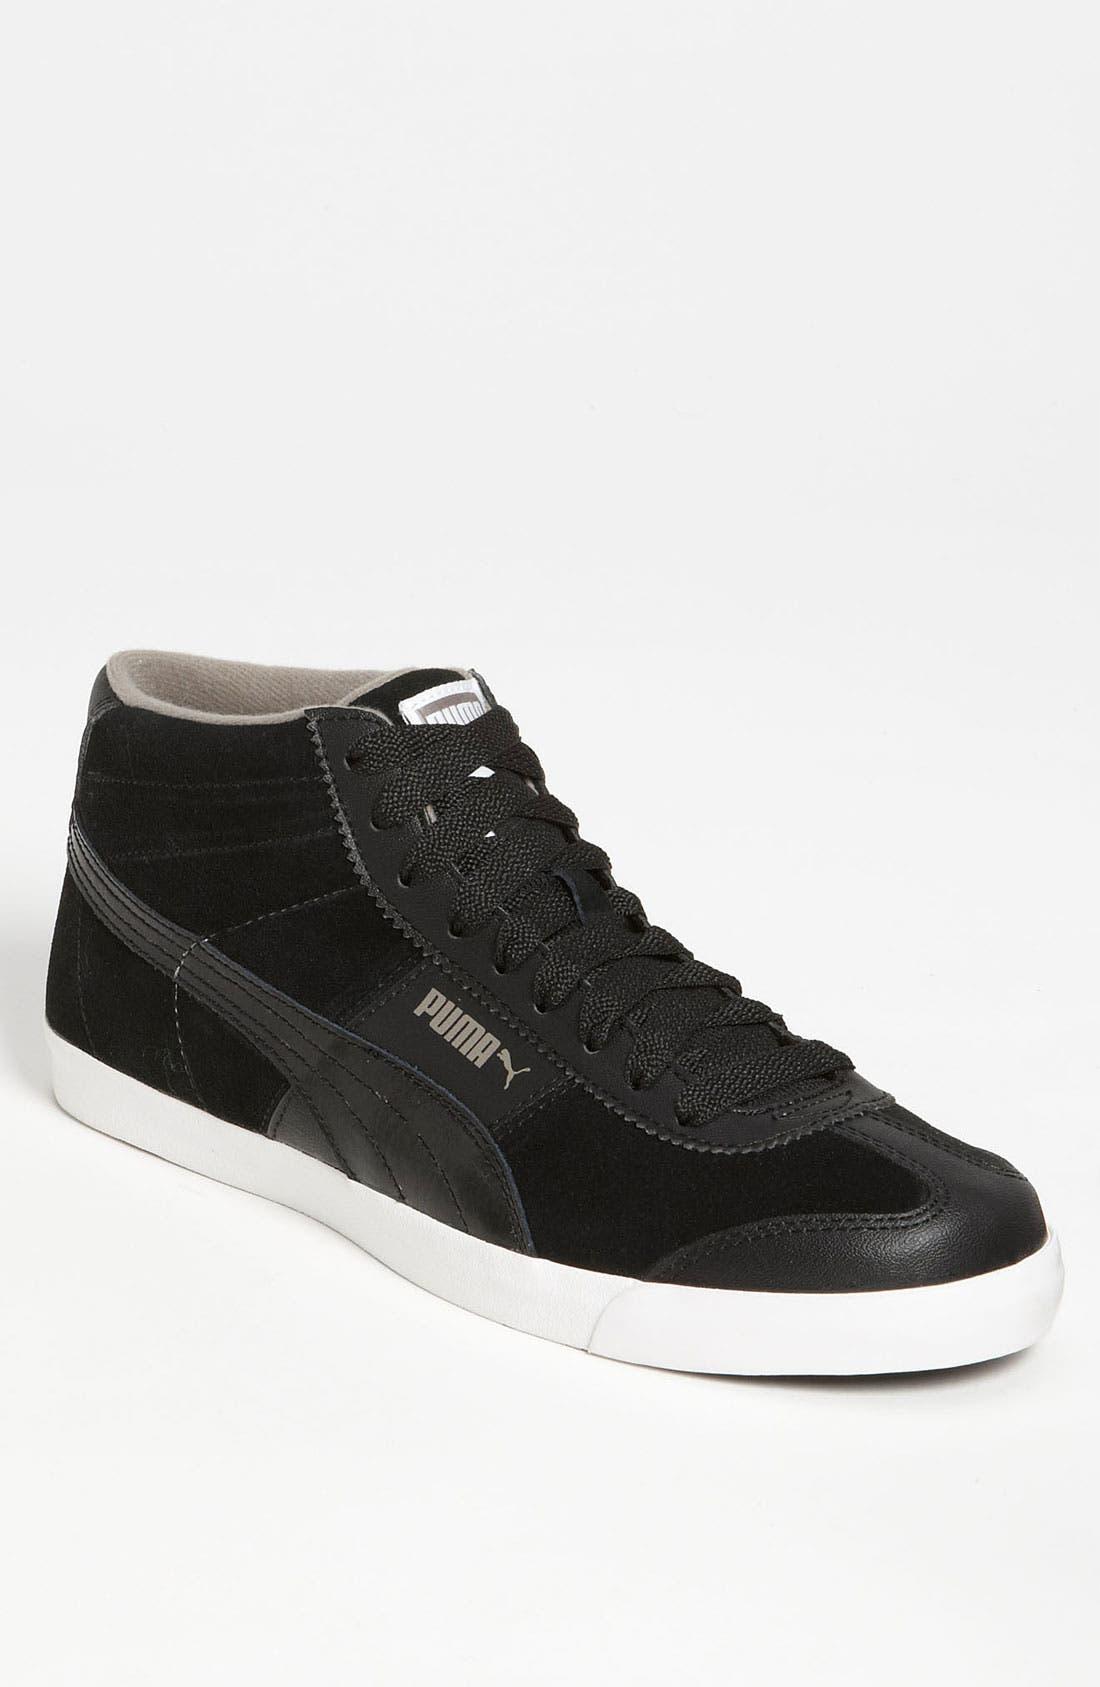 Main Image - PUMA 'Roma LP HI Lodge' Sneaker (Men)